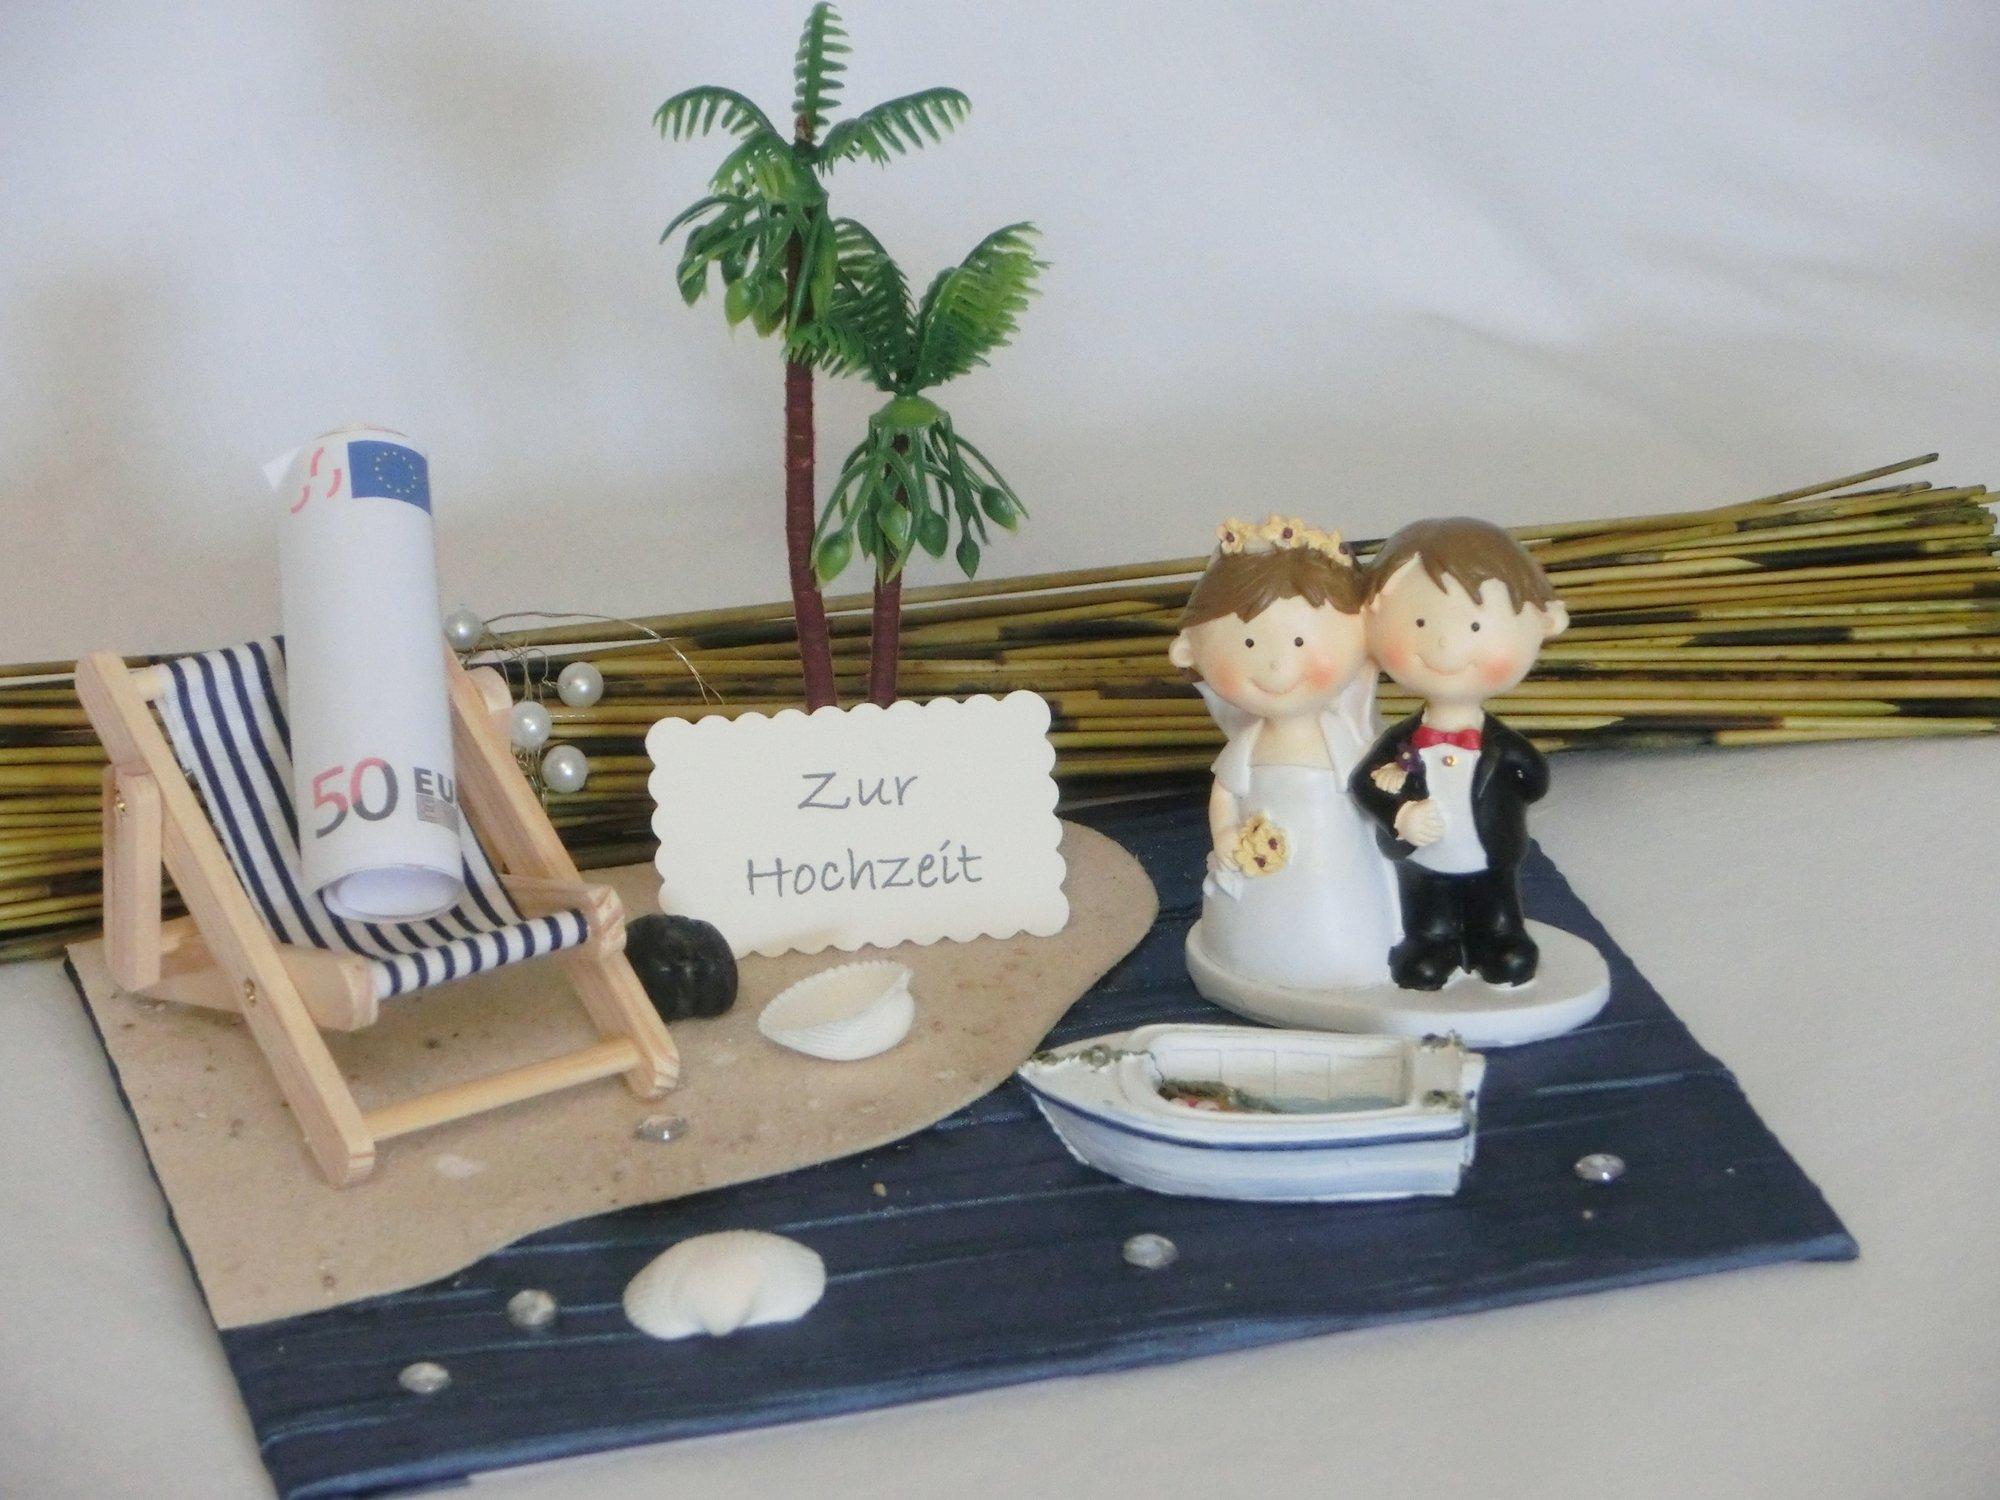 Hochzeitsgeschenk Geld kreativ verpacken